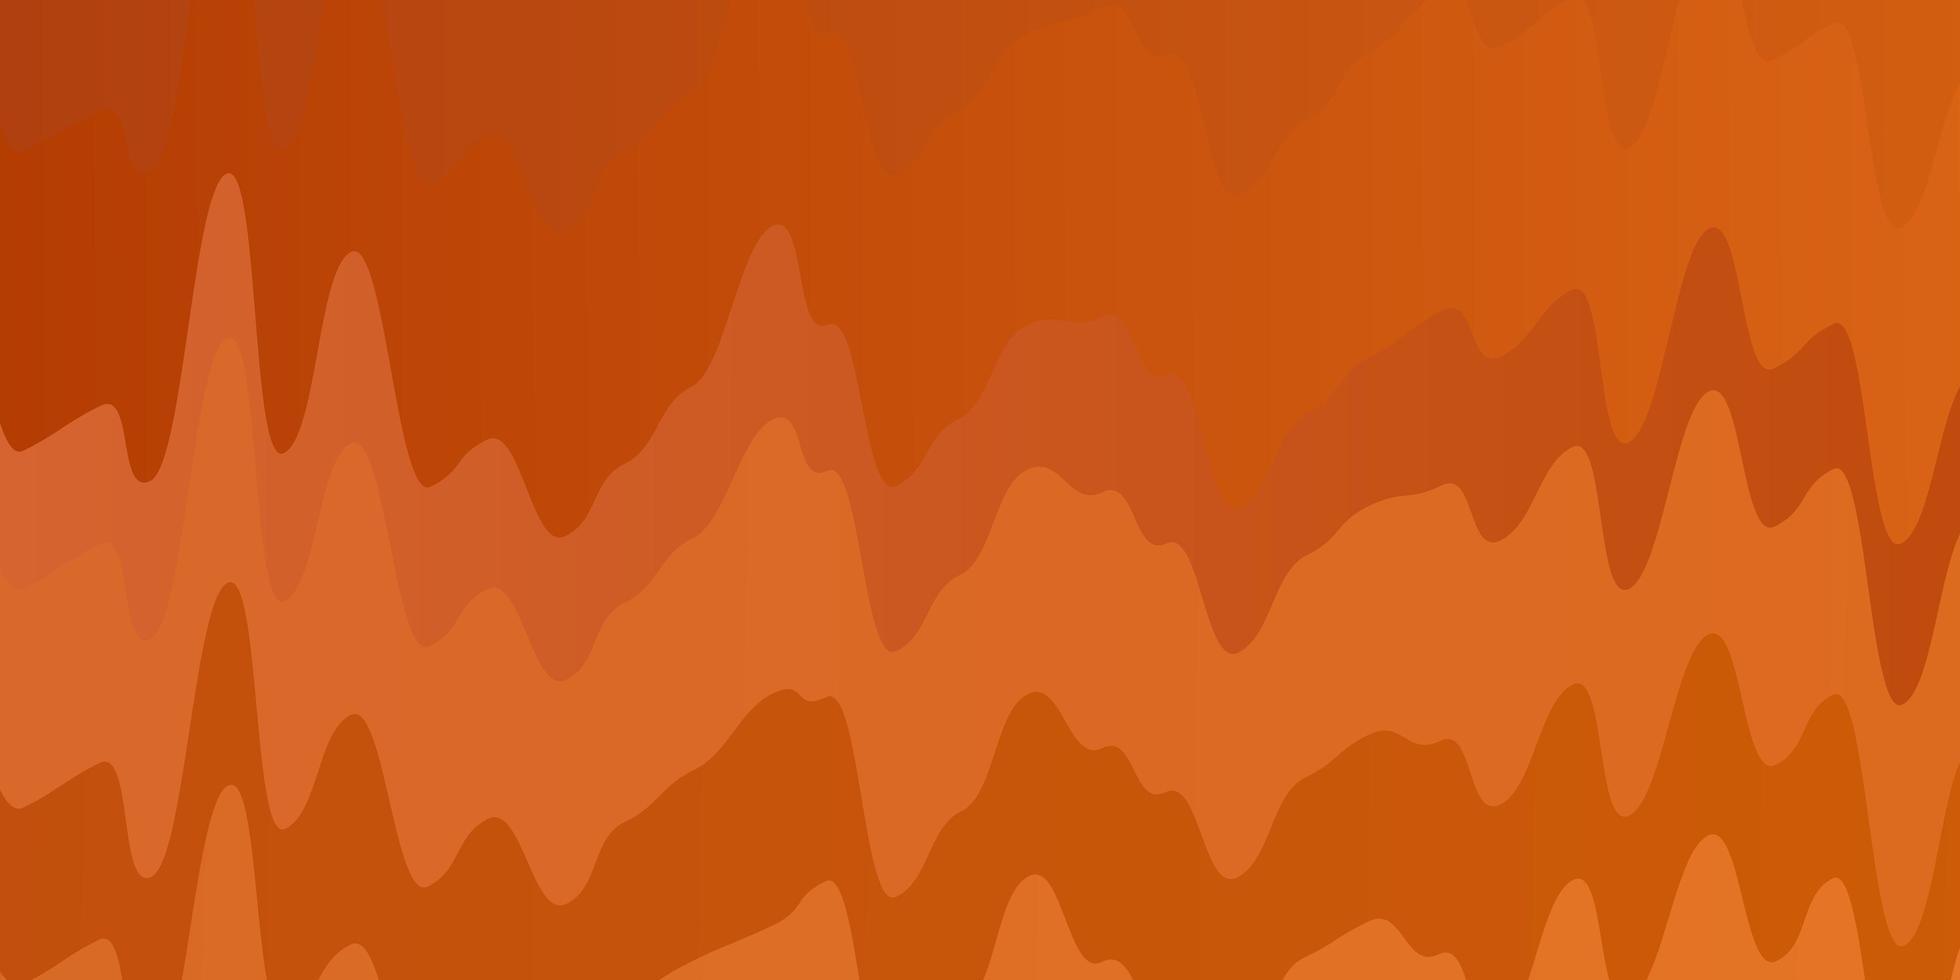 texture de vecteur orange clair avec des courbes.